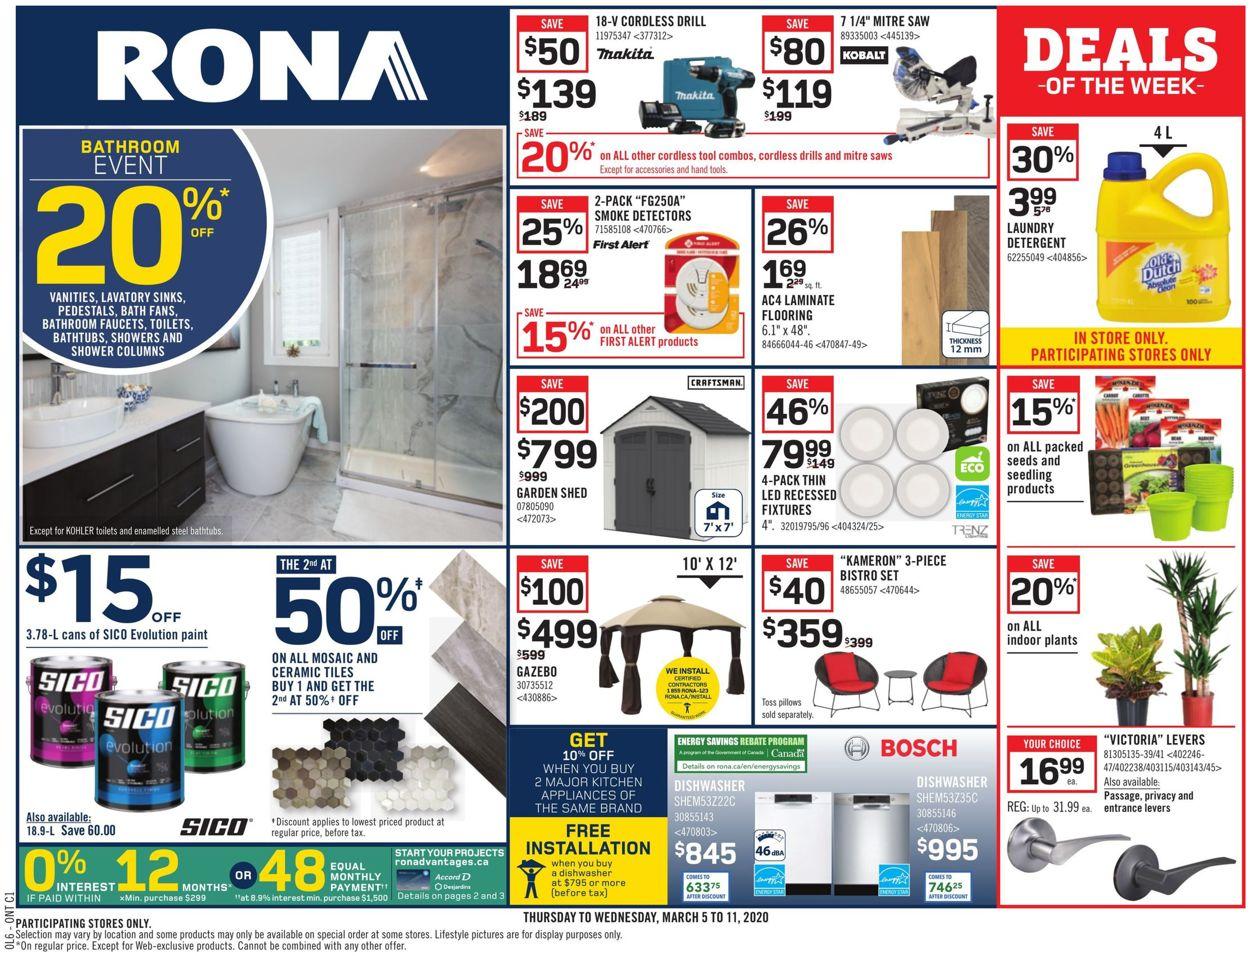 RONA Flyer - 03/05-03/11/2020